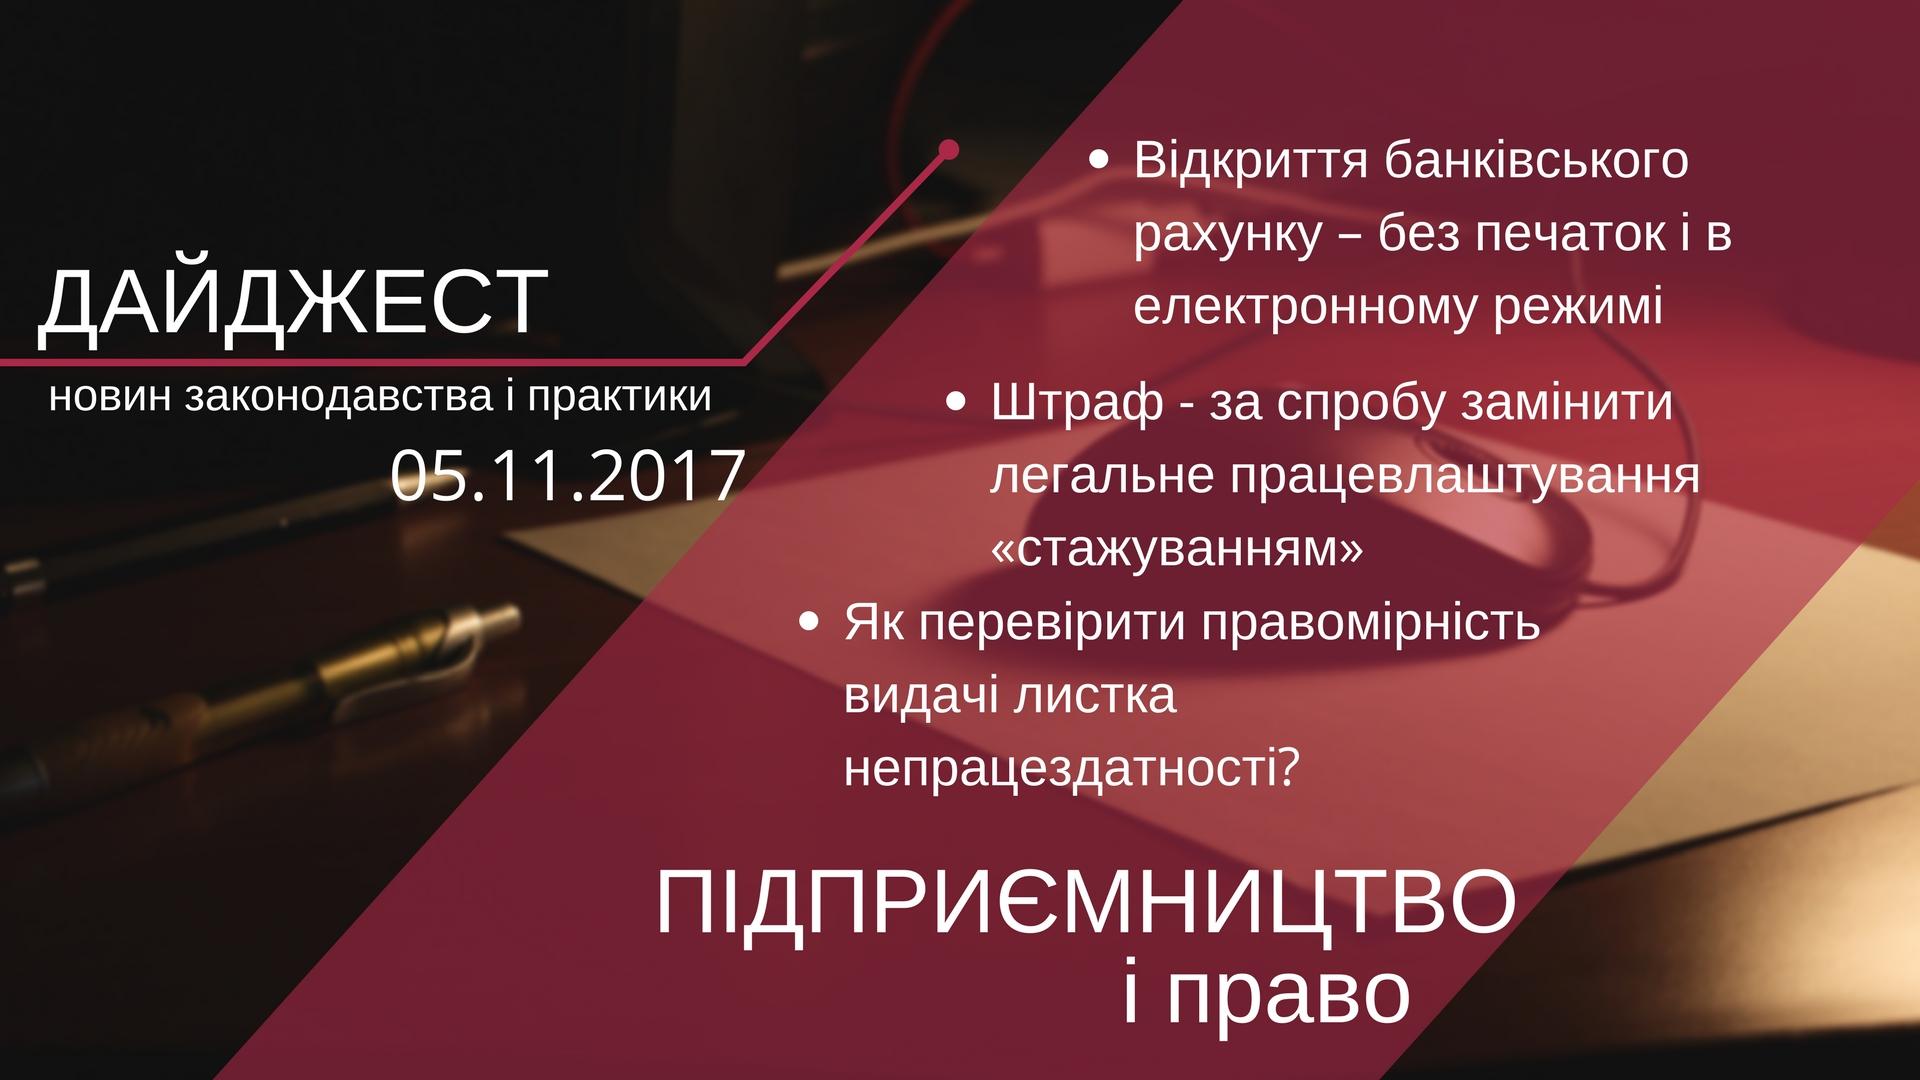 Дайджест нoвин «Підприємництво і право» з 30.10.2017 пo 05.11.2017